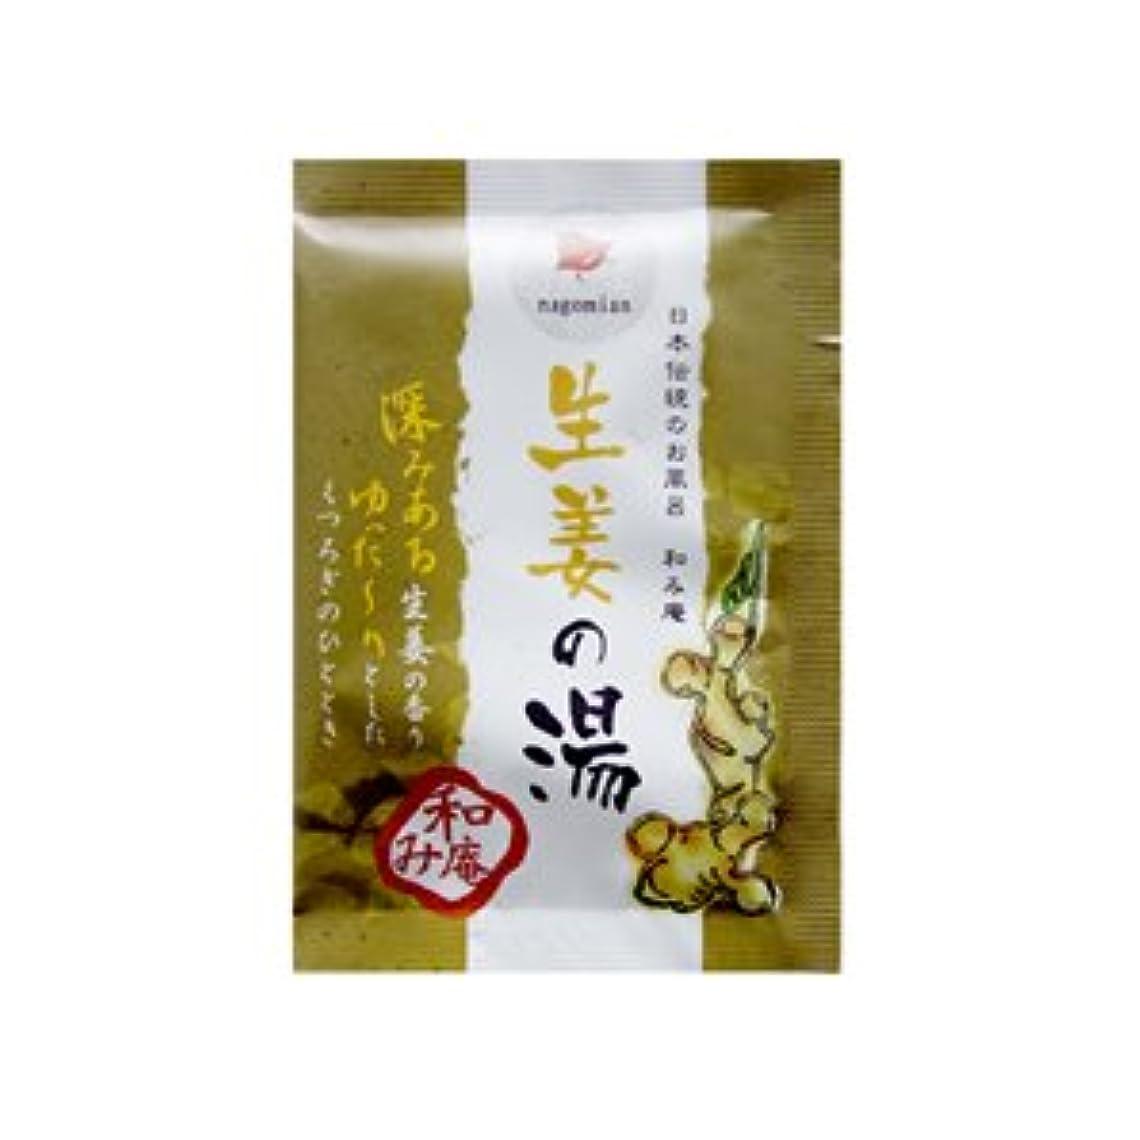 白いある宝石日本伝統のお風呂 和み庵 生姜の湯 25g 10個セット